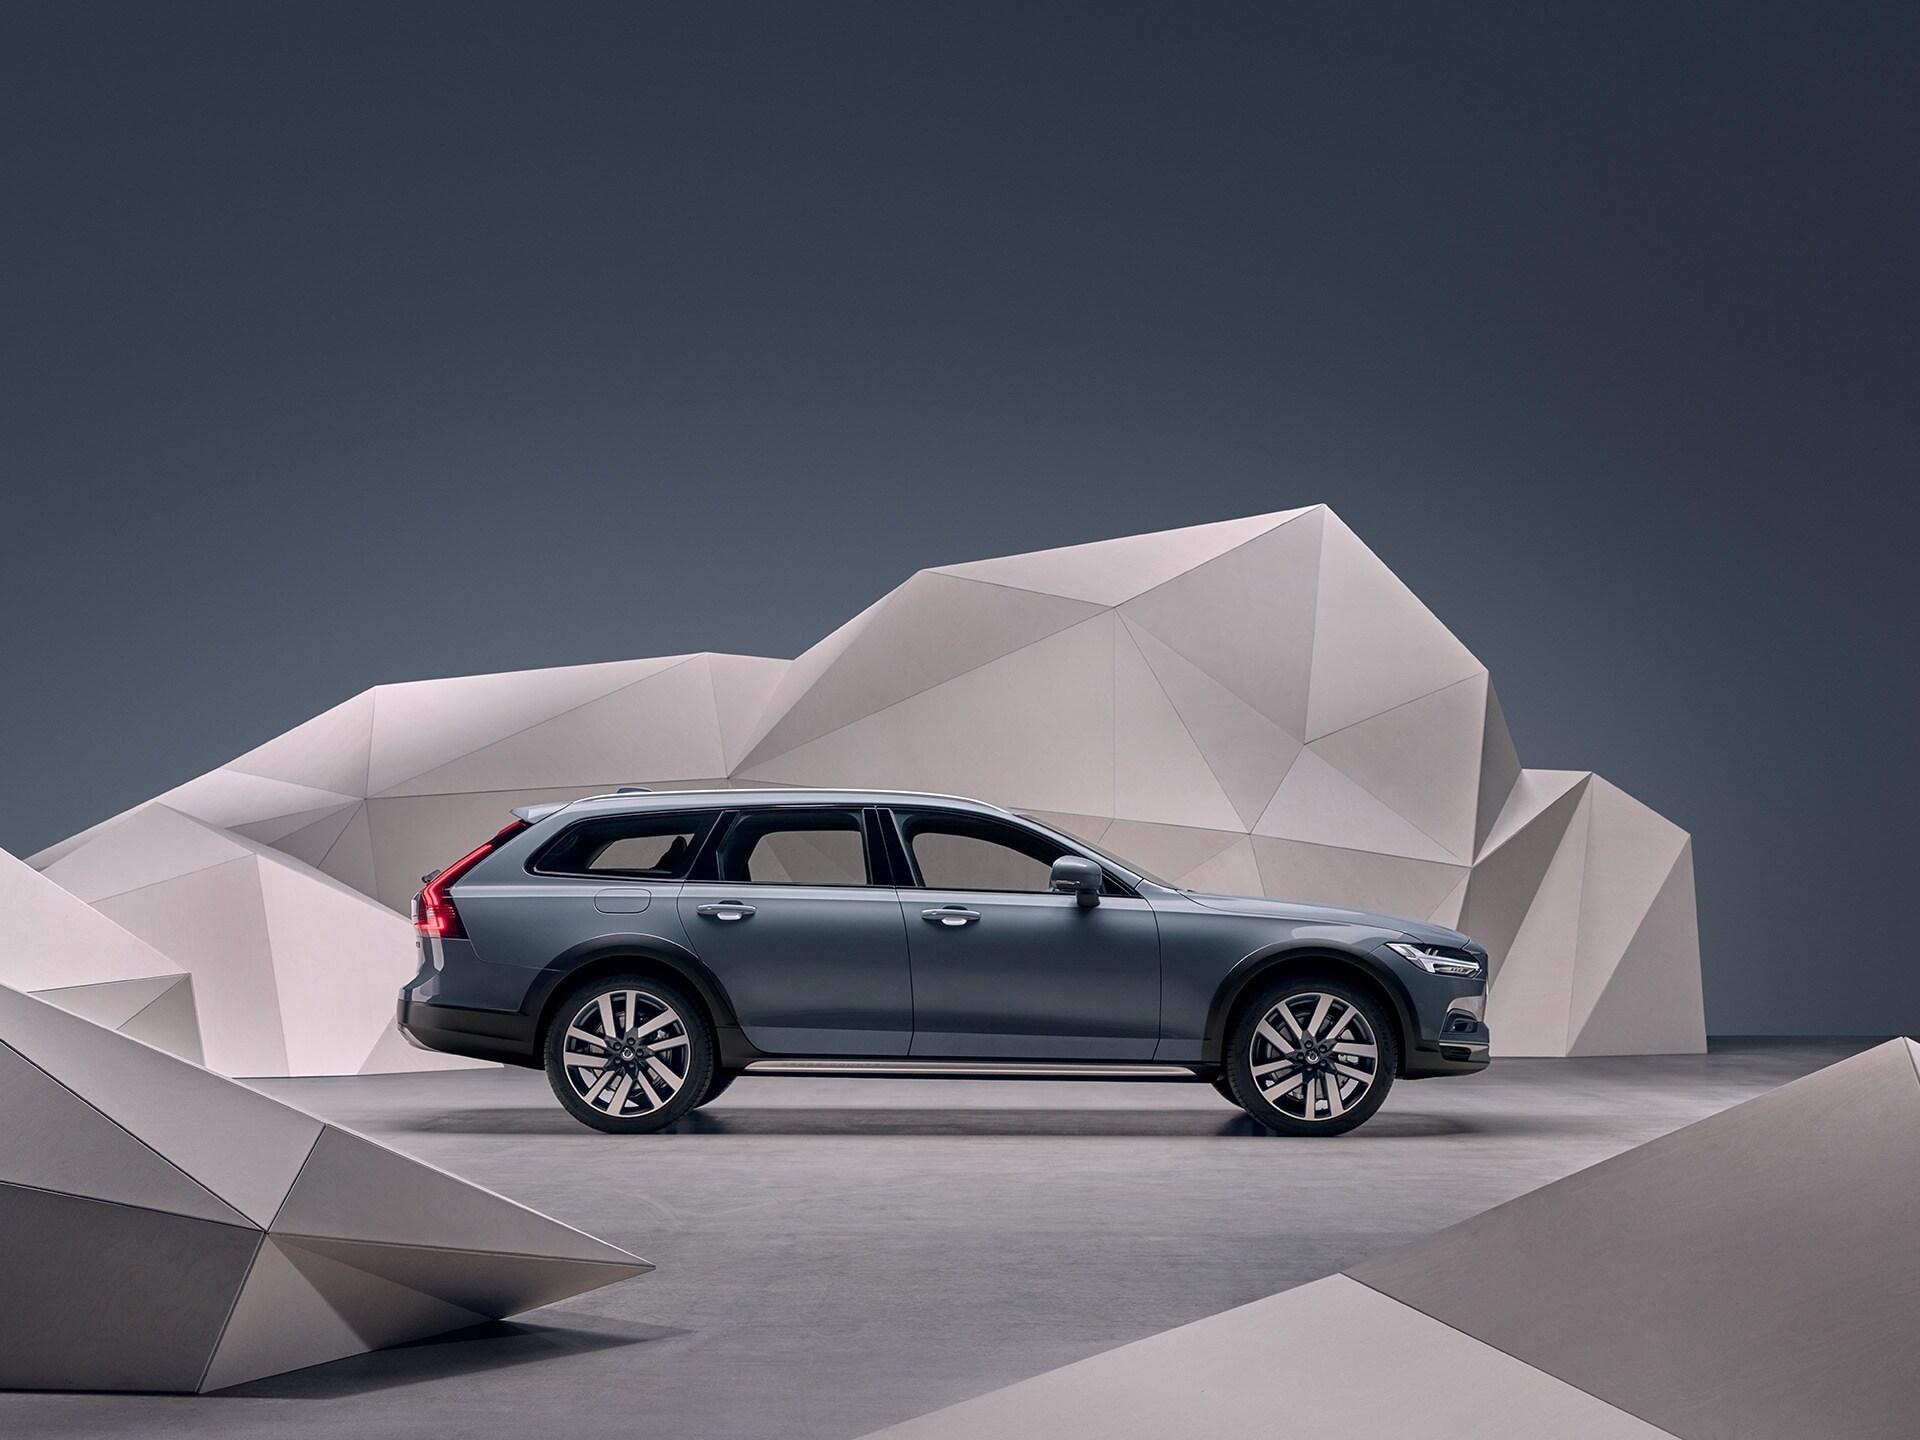 Volvo V90 Cross Country Mussel modre kovinske barve je parkiran pred steno z umetninami